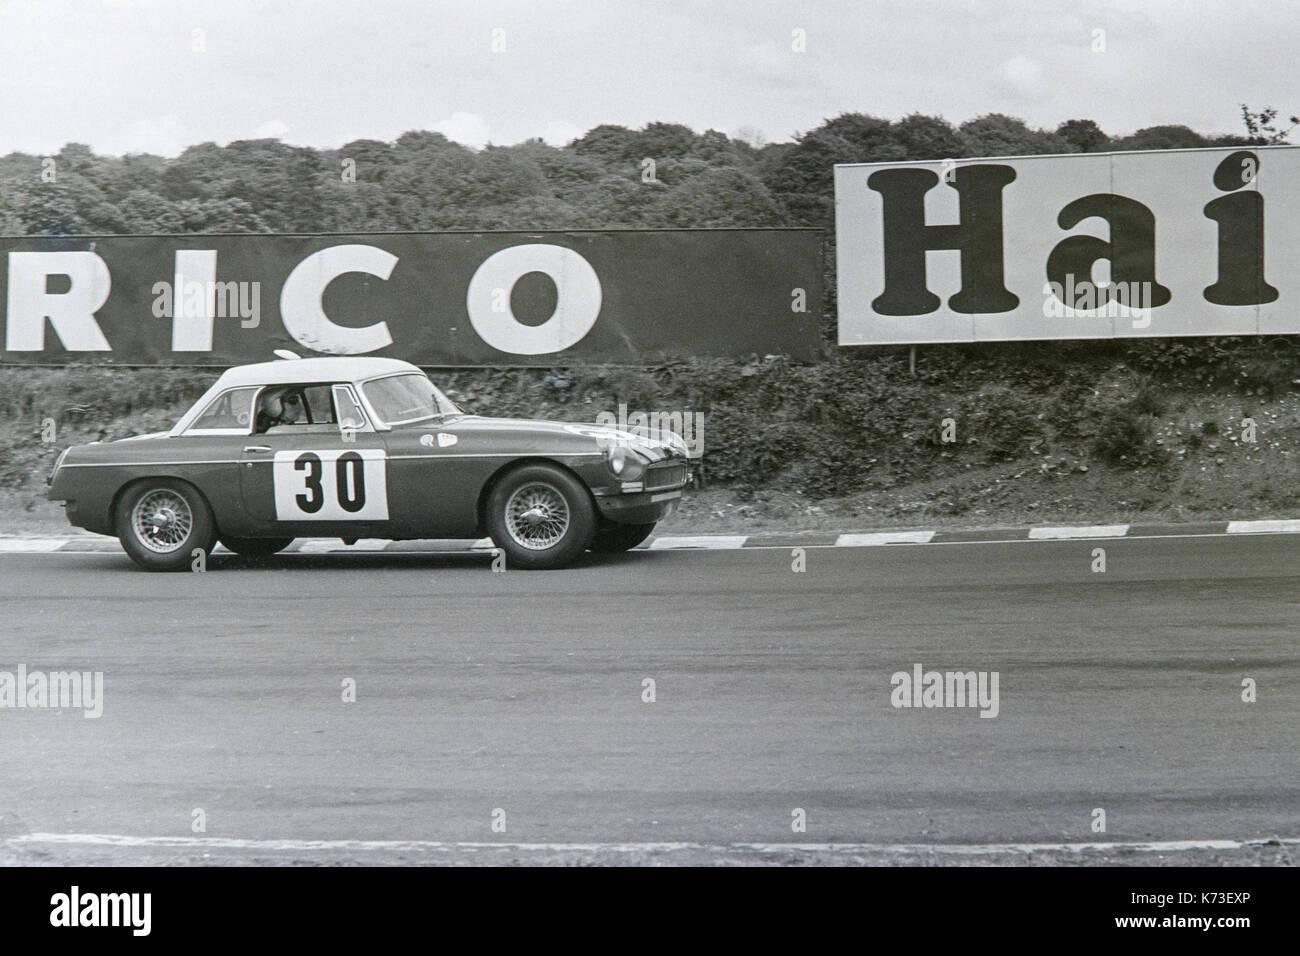 Mgb Racing Stock Photos & Mgb Racing Stock Images - Alamy